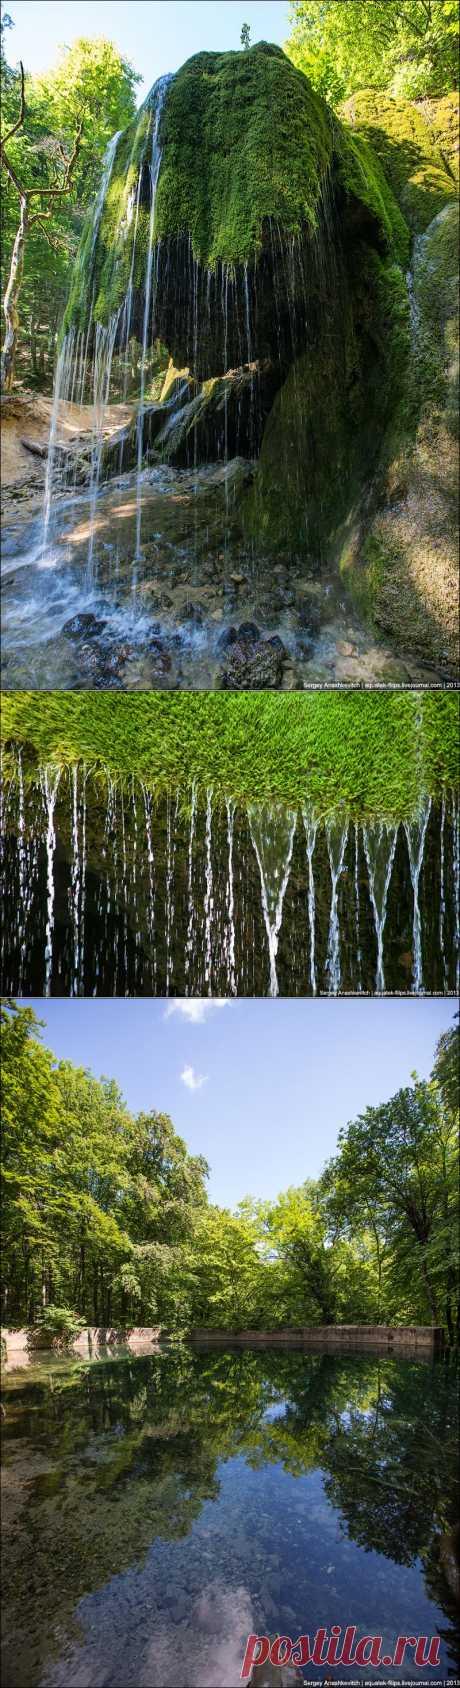 Остров Крым - Водопад Серебряные Струи